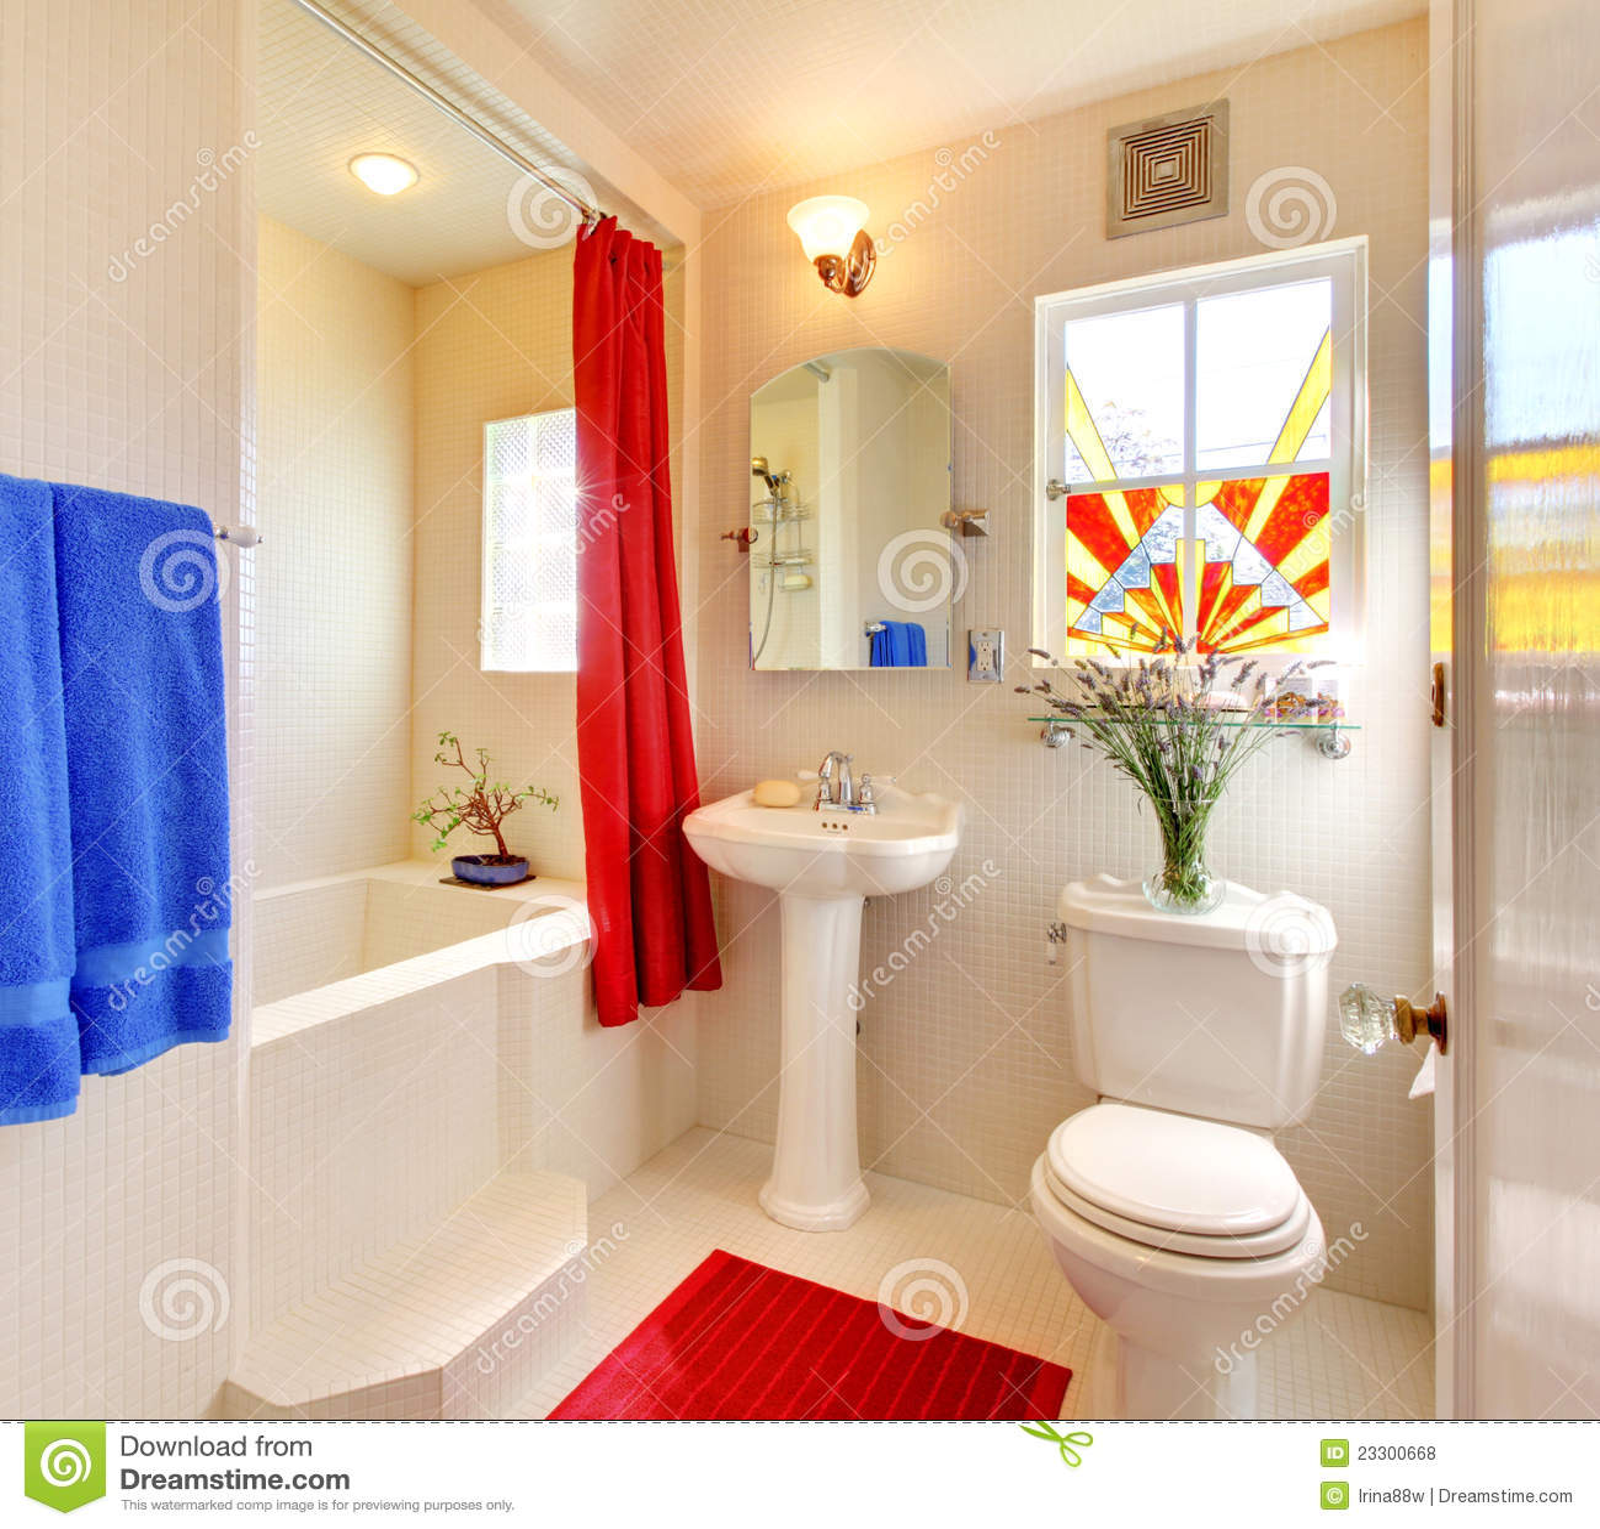 Banheiro Bonito Branco E Vermelho Moderno. Fotos de Stock Royalty Free  #8D0D08 1300x1259 Banheiro Branco Com Detalhe Vermelho